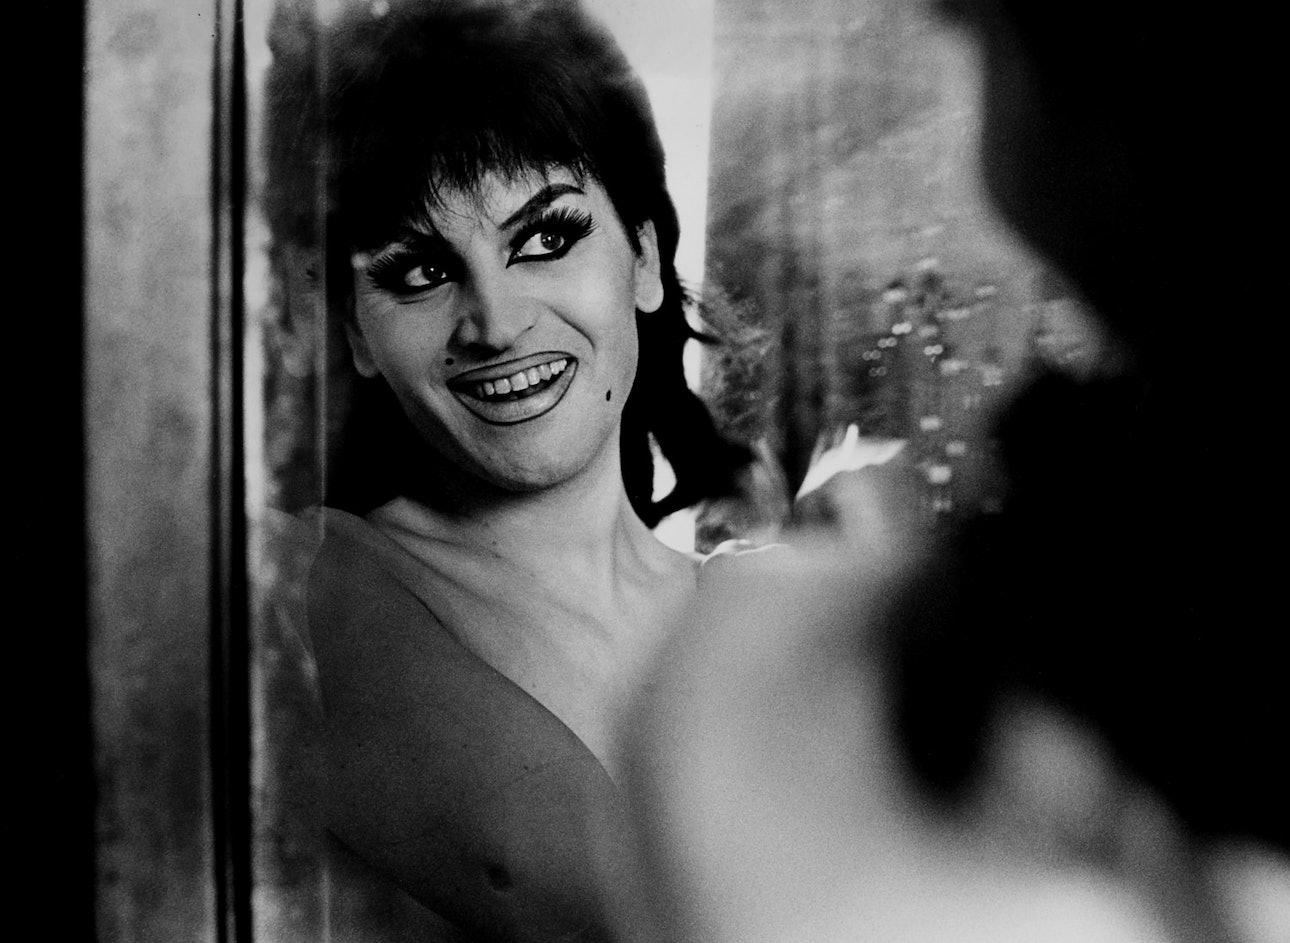 Title- Soraya, BVS 0794 Les Amies de Place Blanche Hotel Pierrots 1966